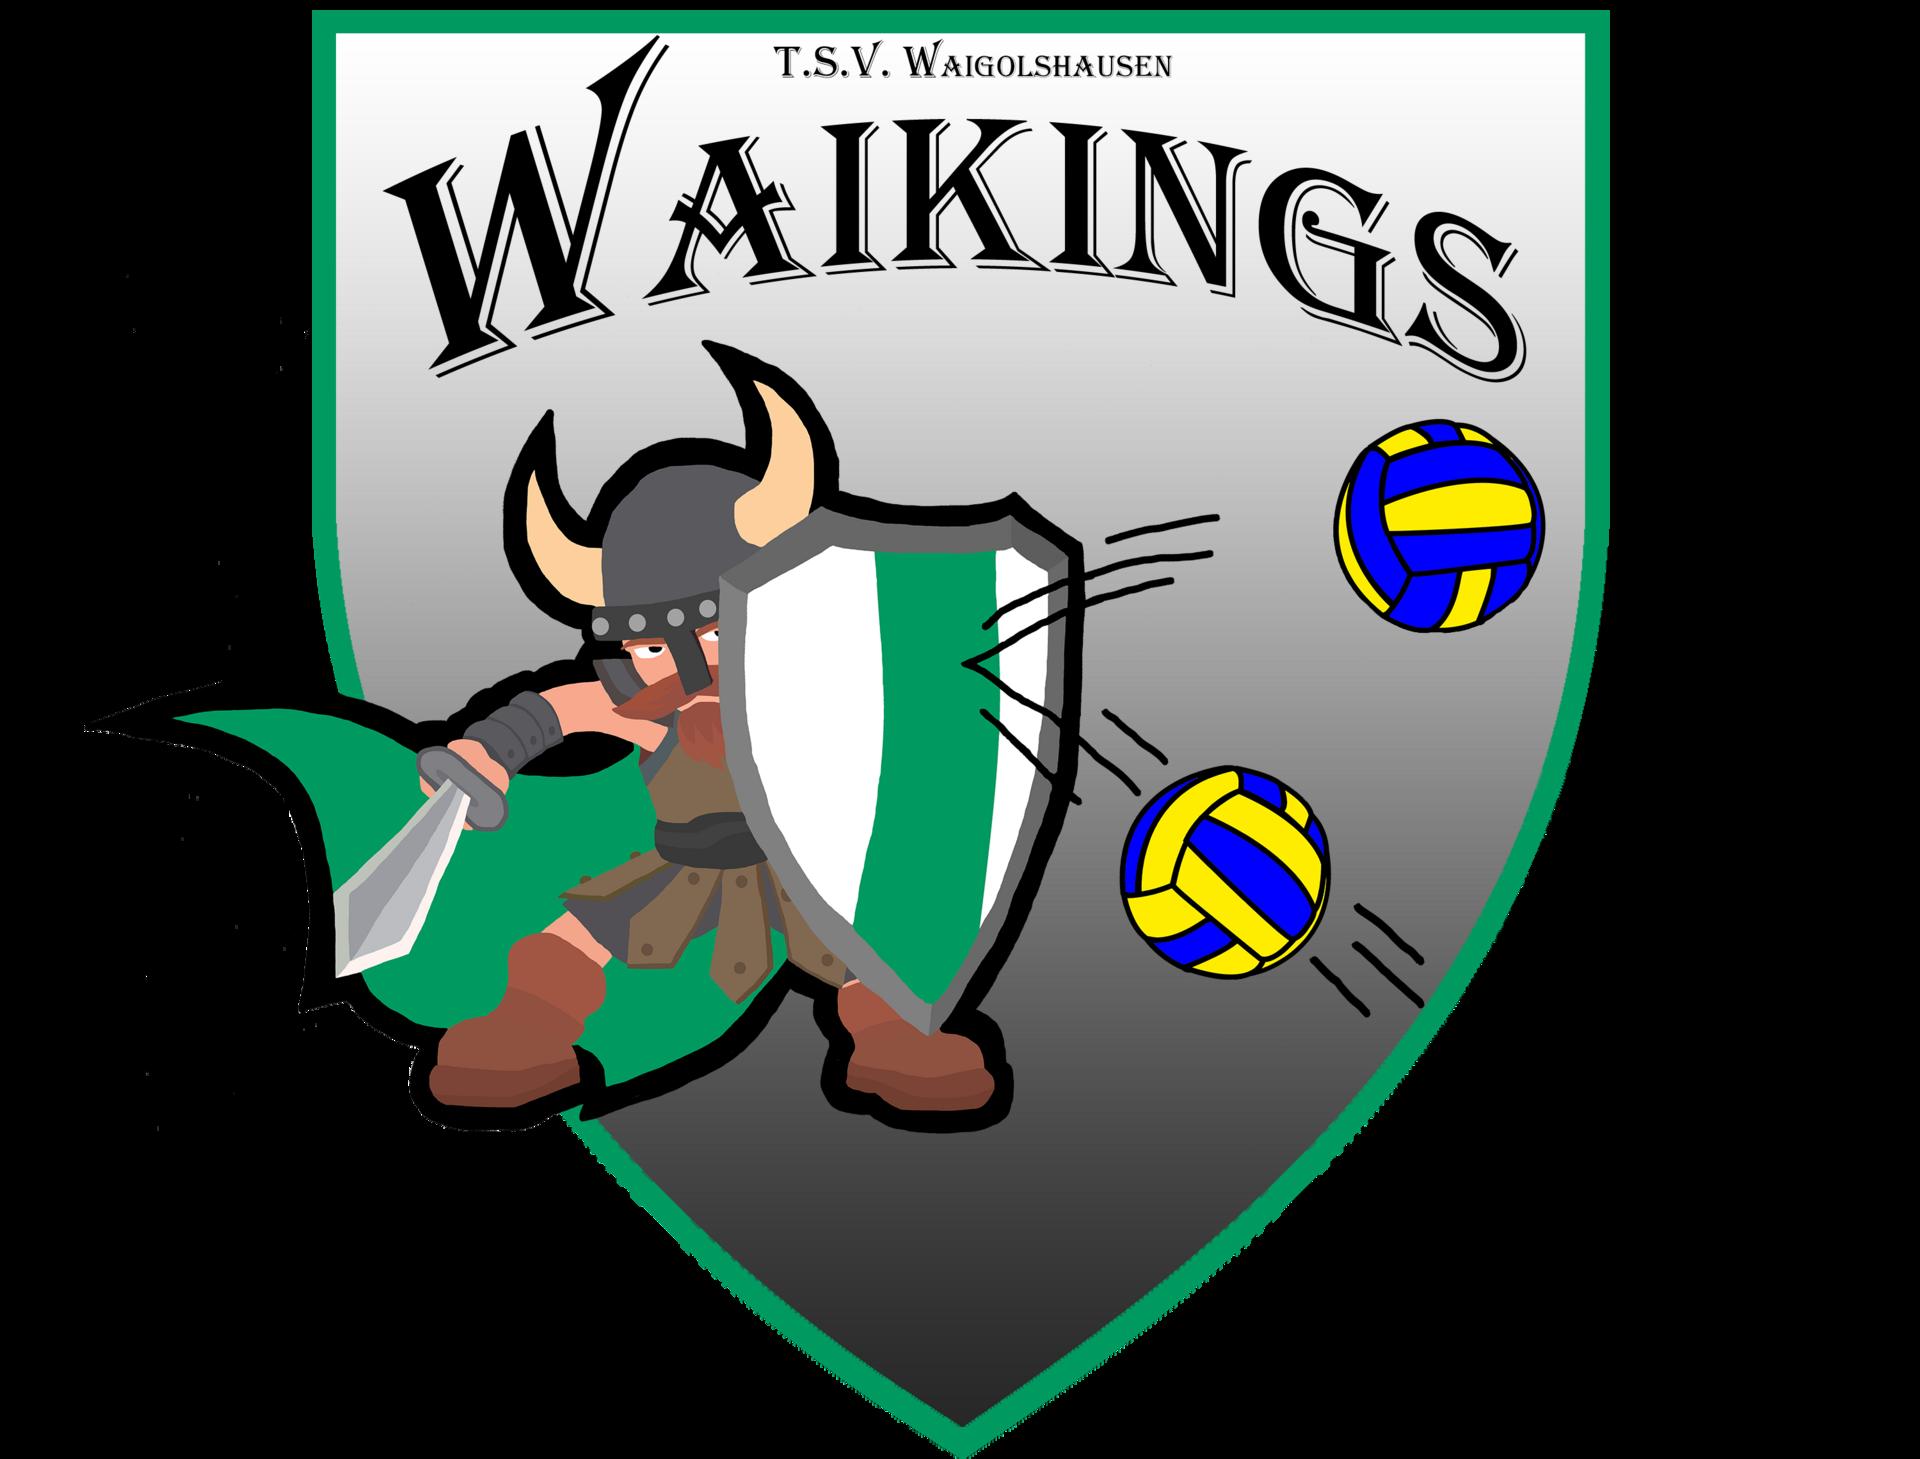 Waikings Logo